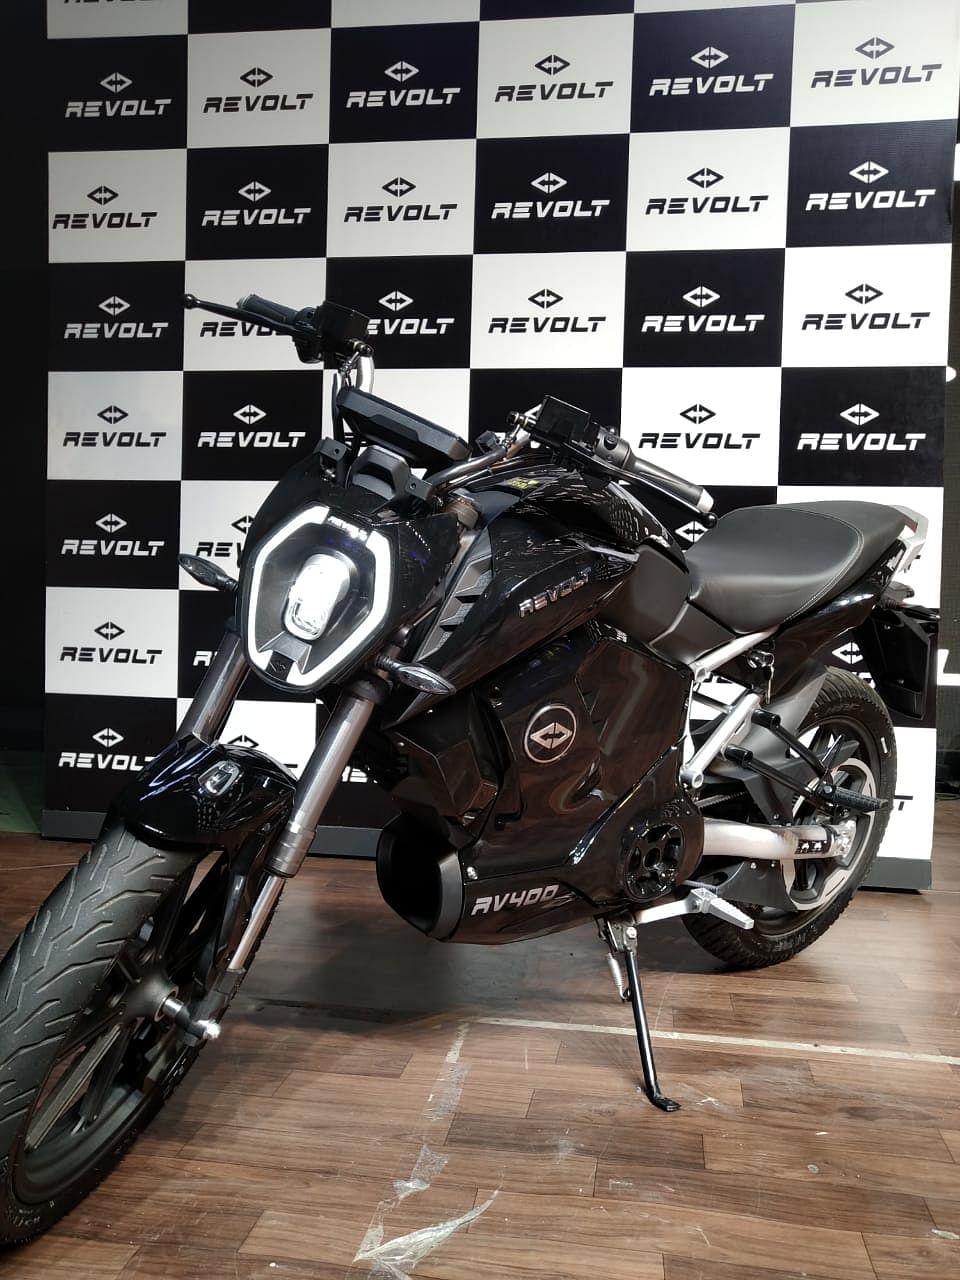 Revolt RV400 (Source: Revolt Motors)